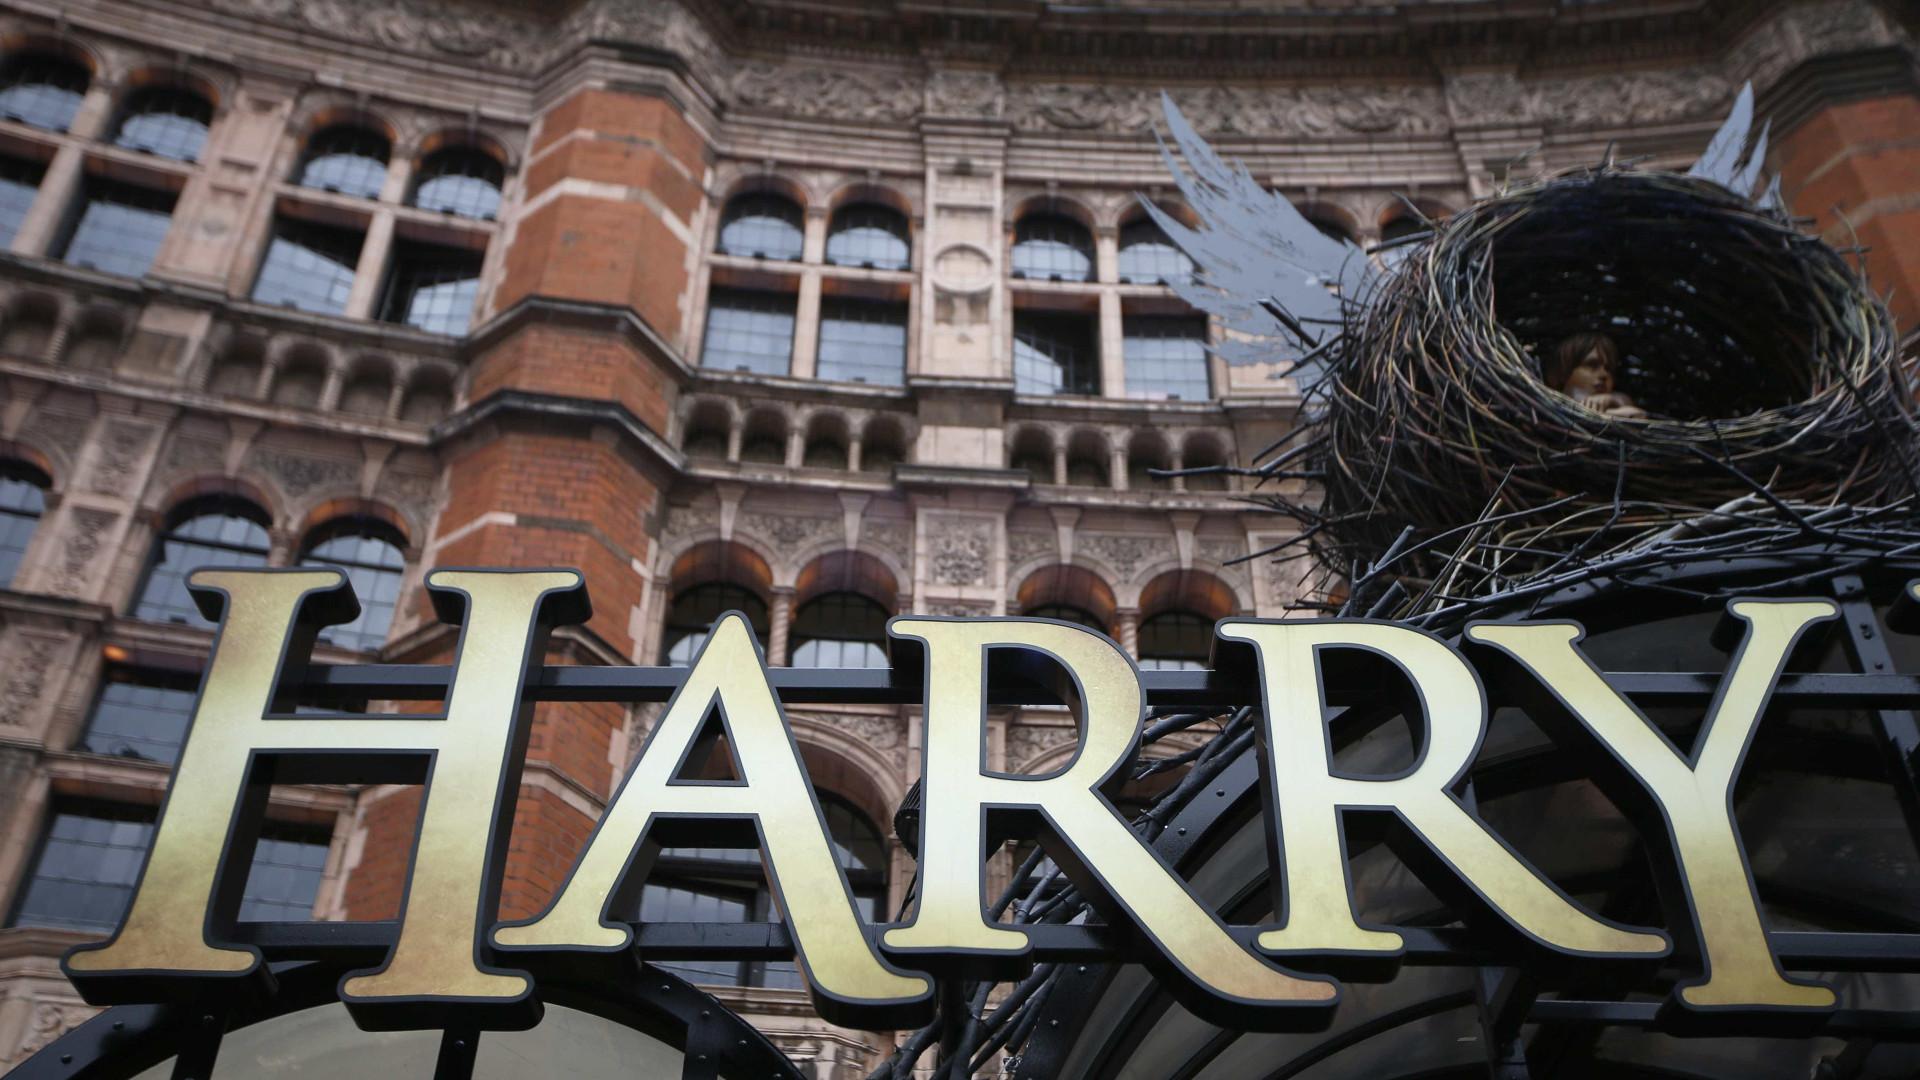 Conferência junta investigadores do universo Harry Potter em Lisboa